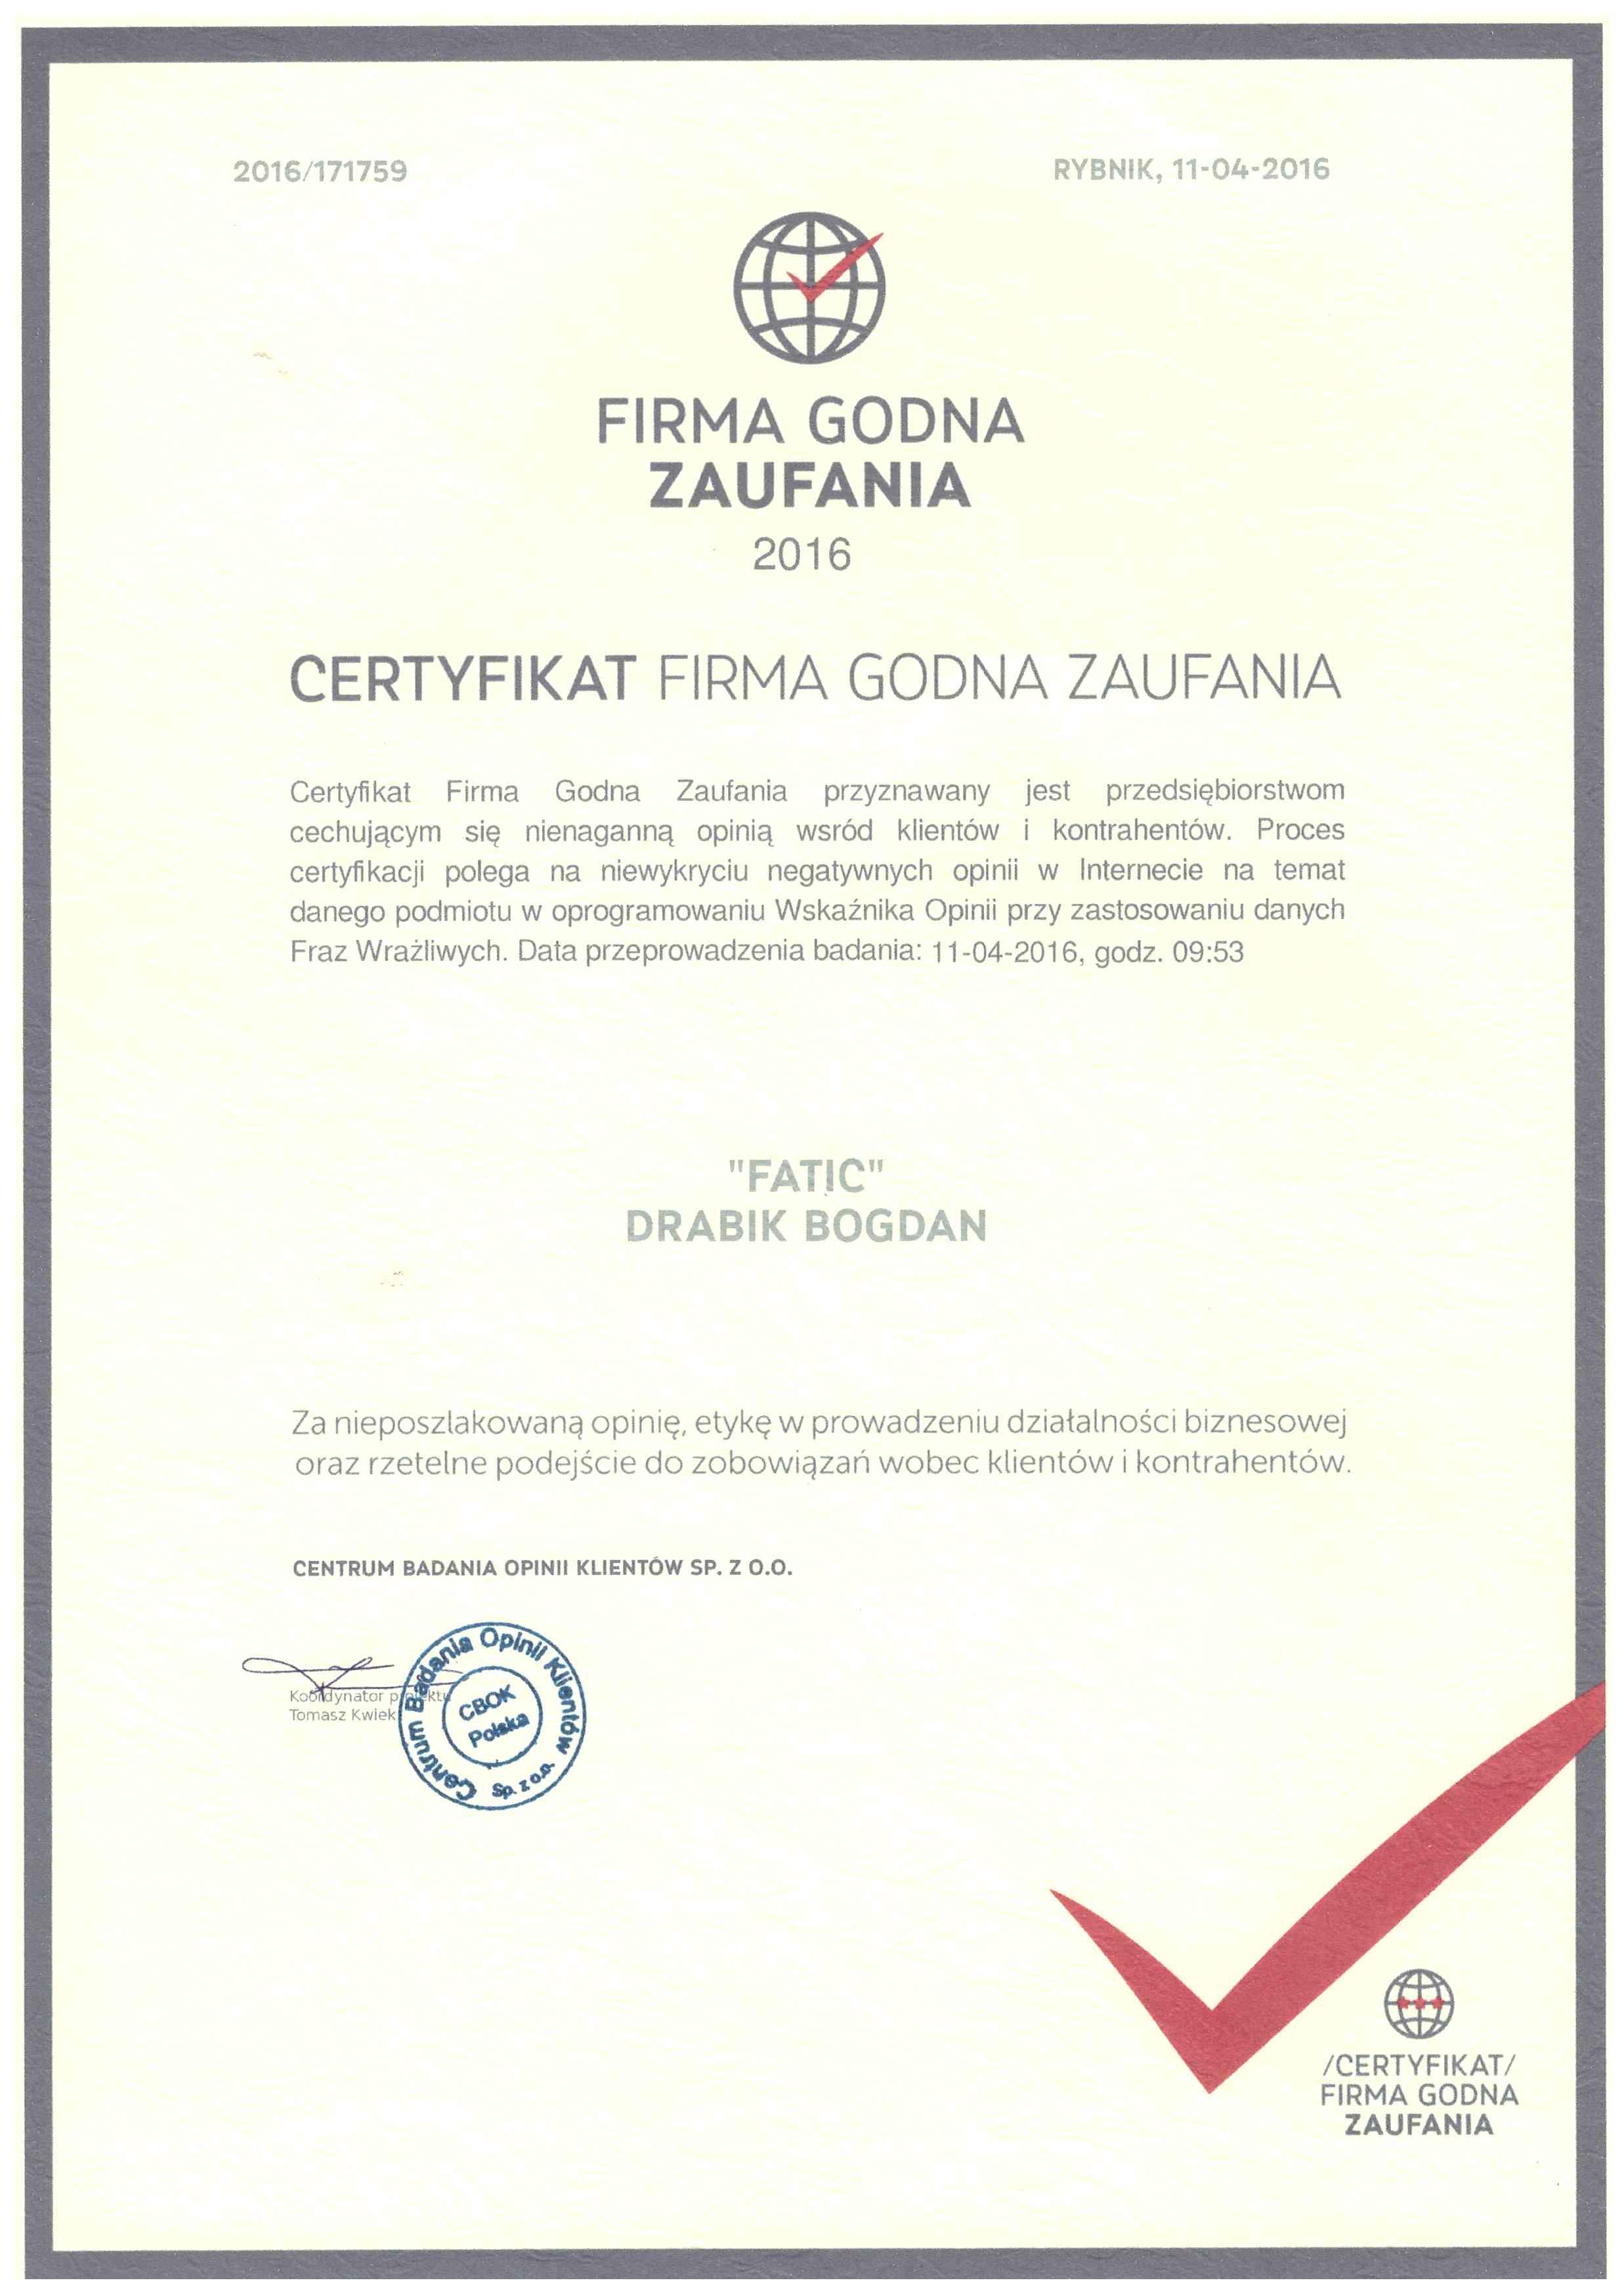 firma godna zaufania (1)